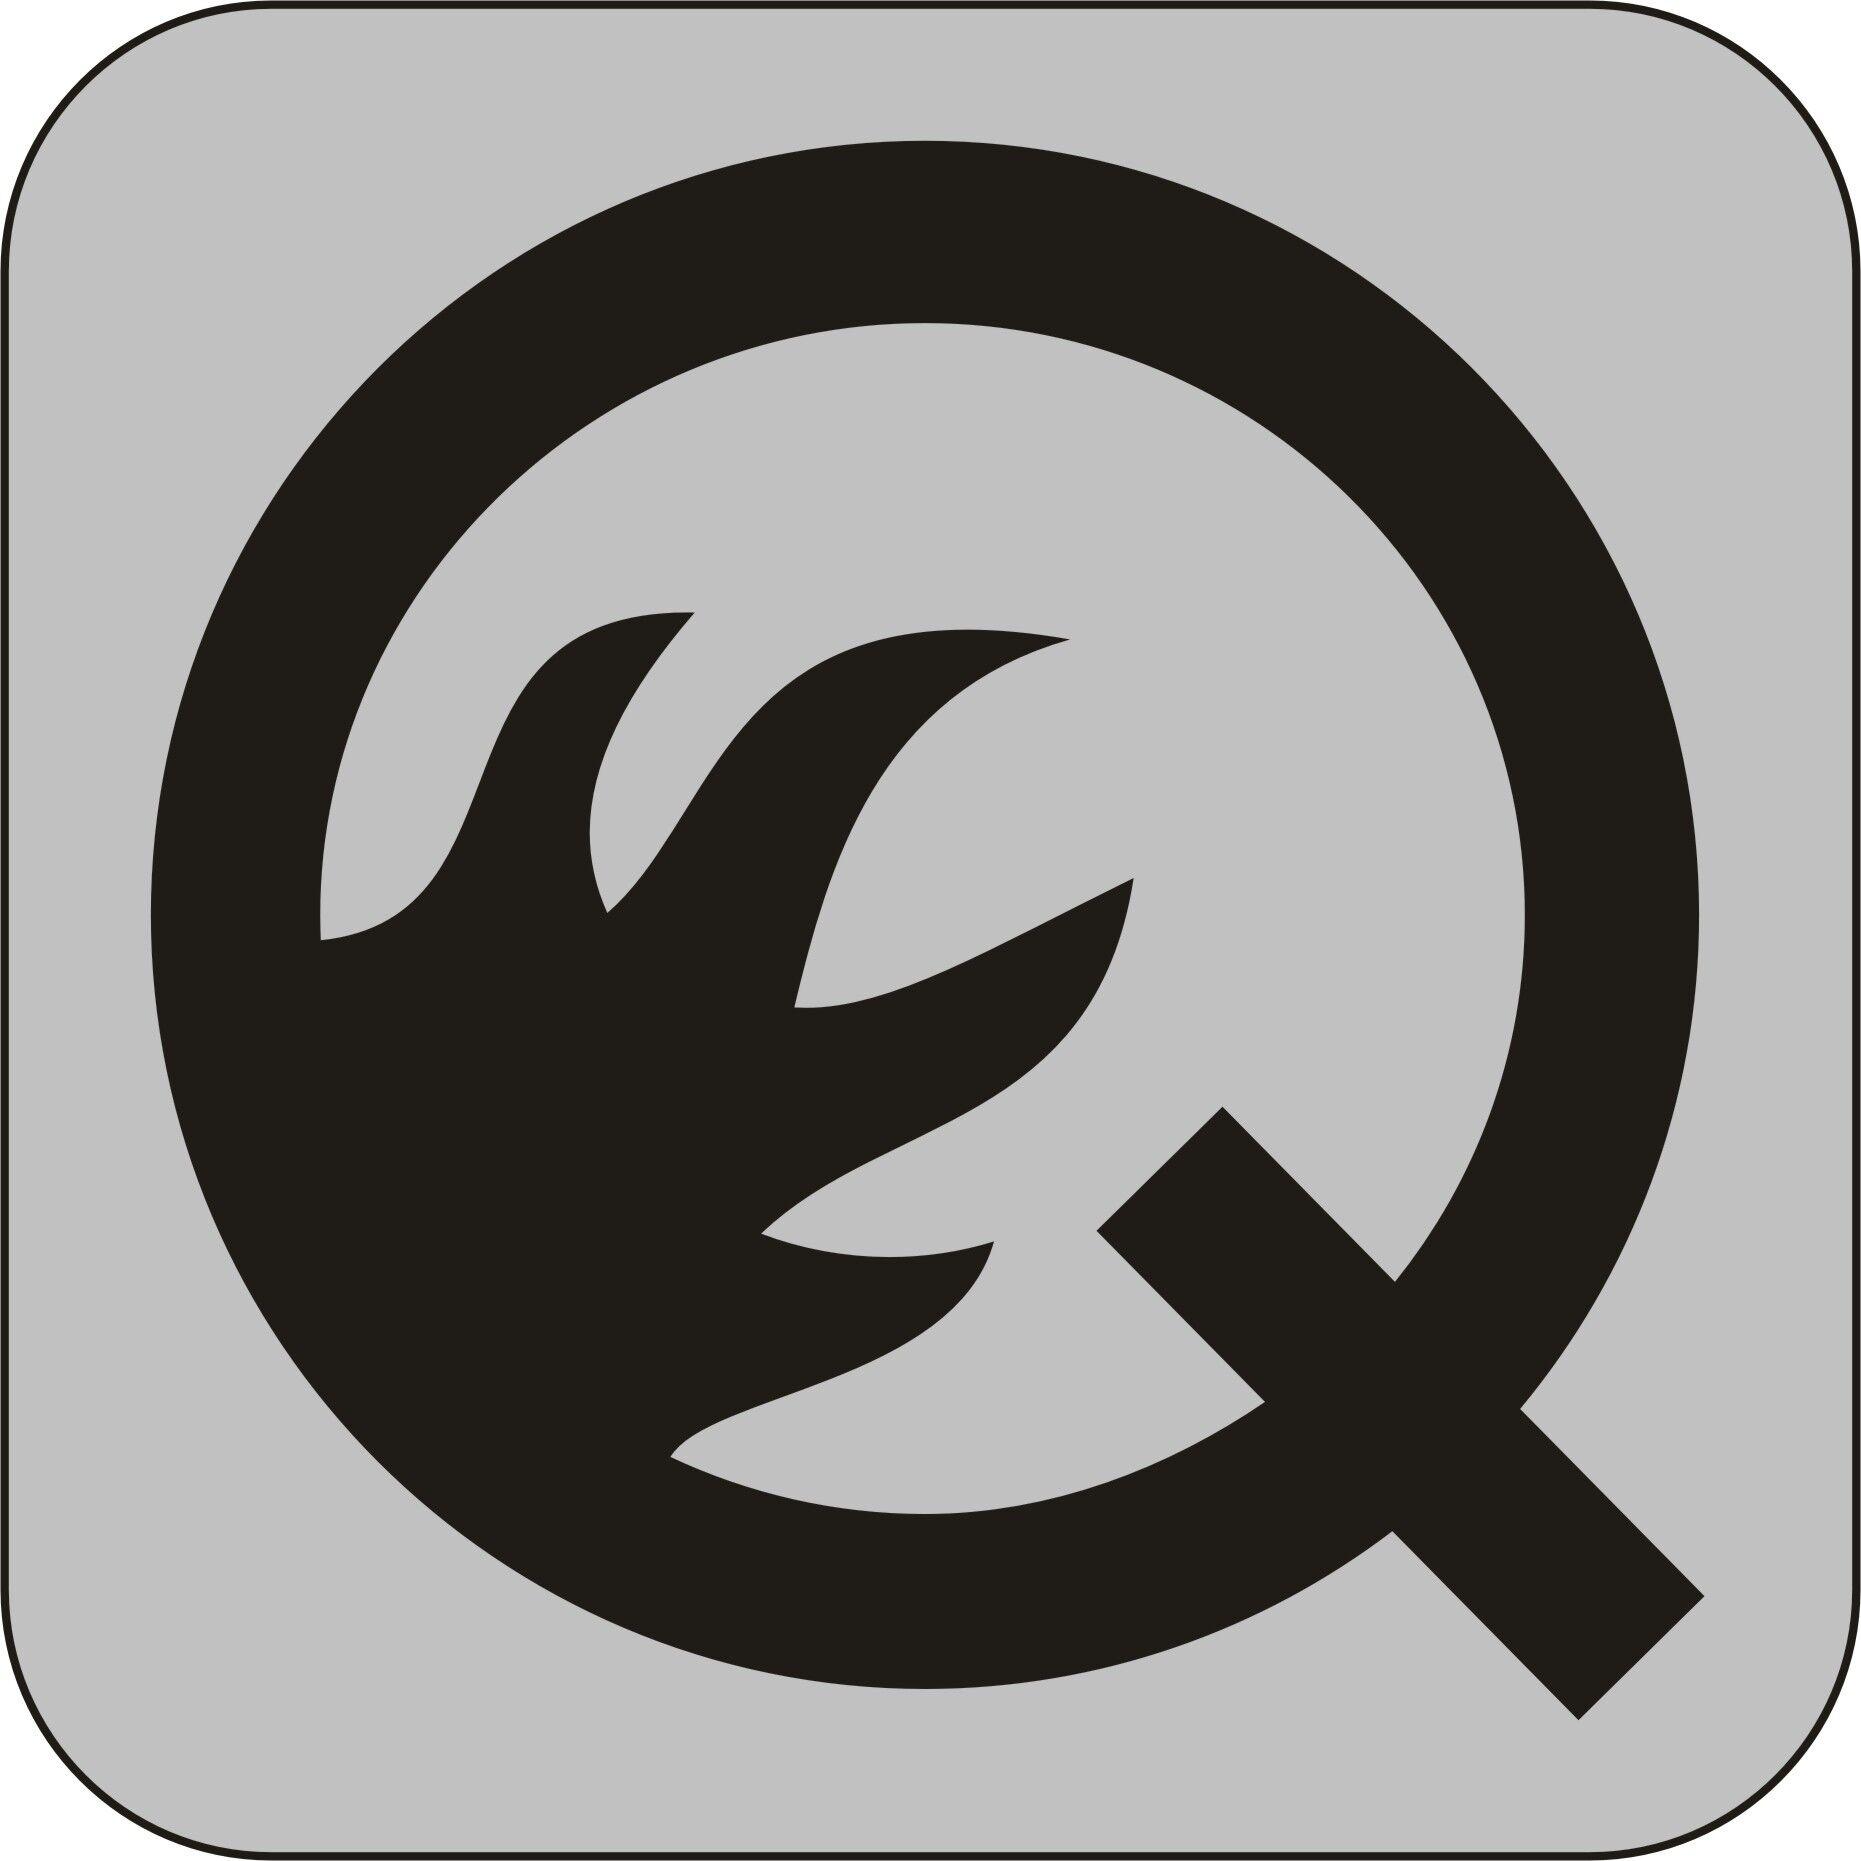 Dieser Rauchmelder wurde gemäß der vfdb-Richtlinie 14-01 zertifiziert und mit dem Q-Label ausgezeichnet. Dieses Label bescheinigt dem Melder unter anderem eine hohe Unempfindlichkeit gegen Störeinflüsse und eine 10 Jahre Batterielaufzeit. Die Prüfung wird durch den VdS und den TÜV Kriwan durchgeführt.